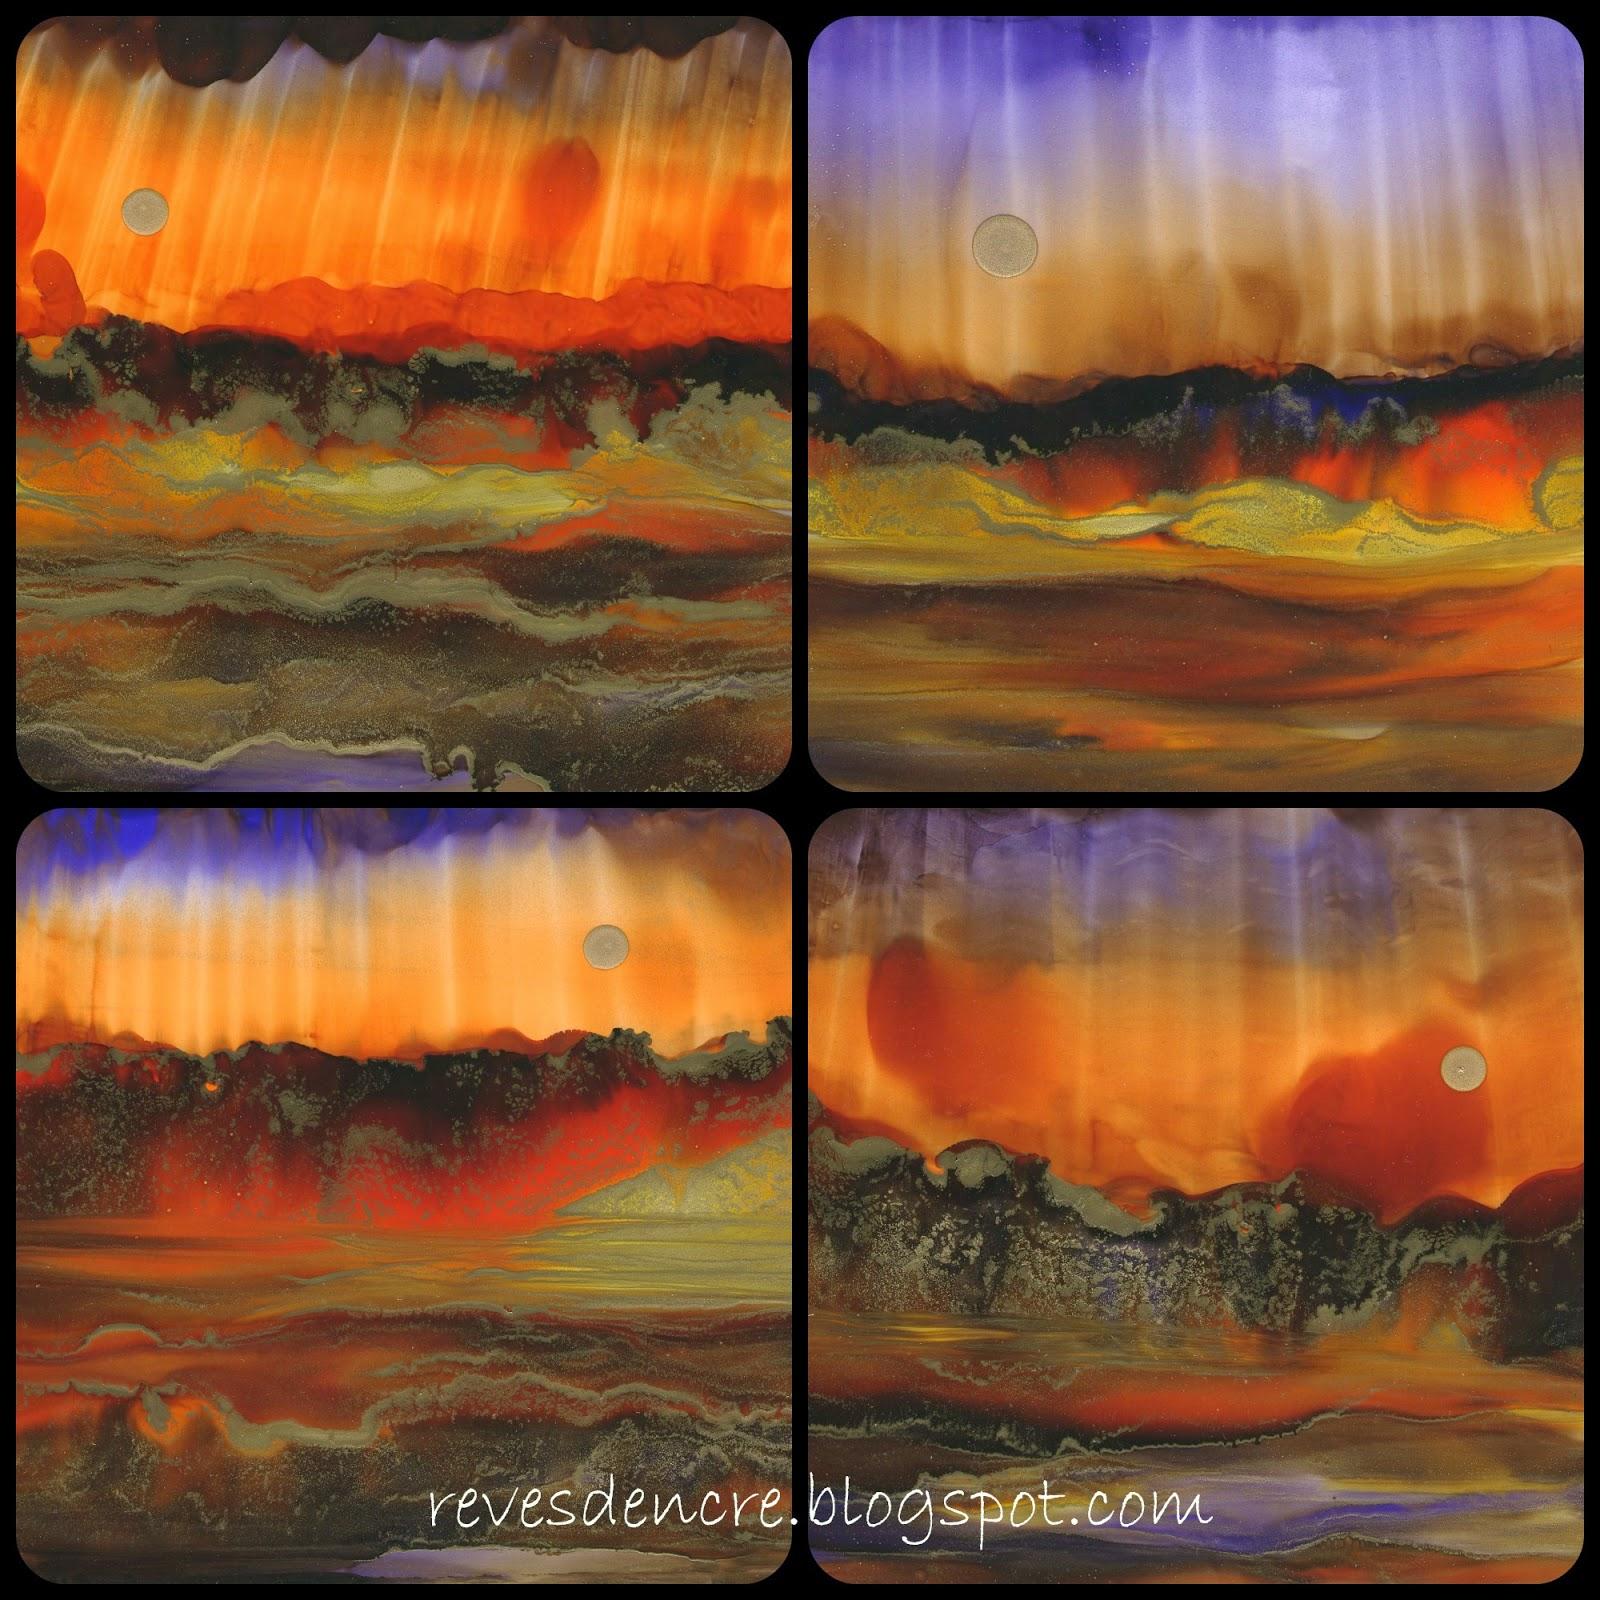 Monate 90g Beautiful In Colour Ellas Küche Mango Leckeren Joghurt Griechischer Art Von 6 Feeding